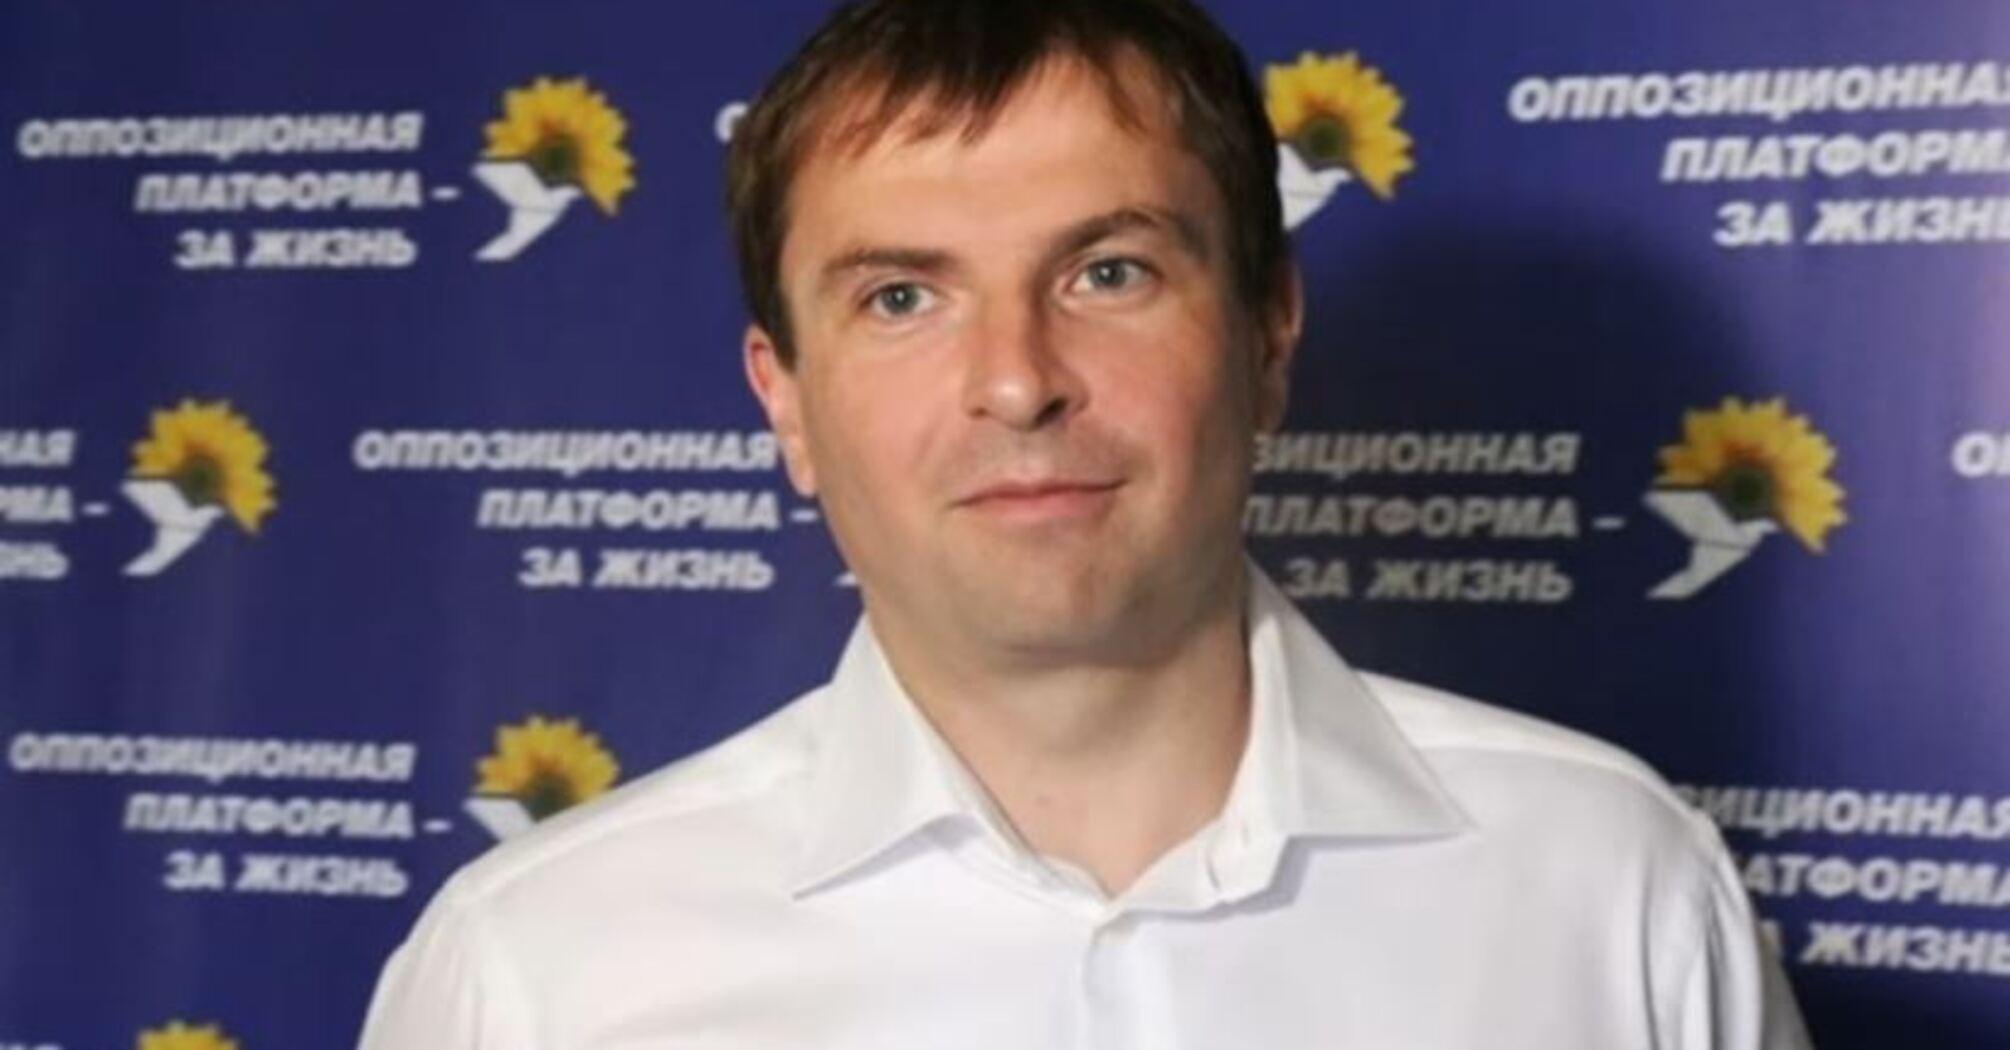 Депутат ОПЗЖ Христенко прогулял в Москве $1 млн в компании криминального авторитета, видео